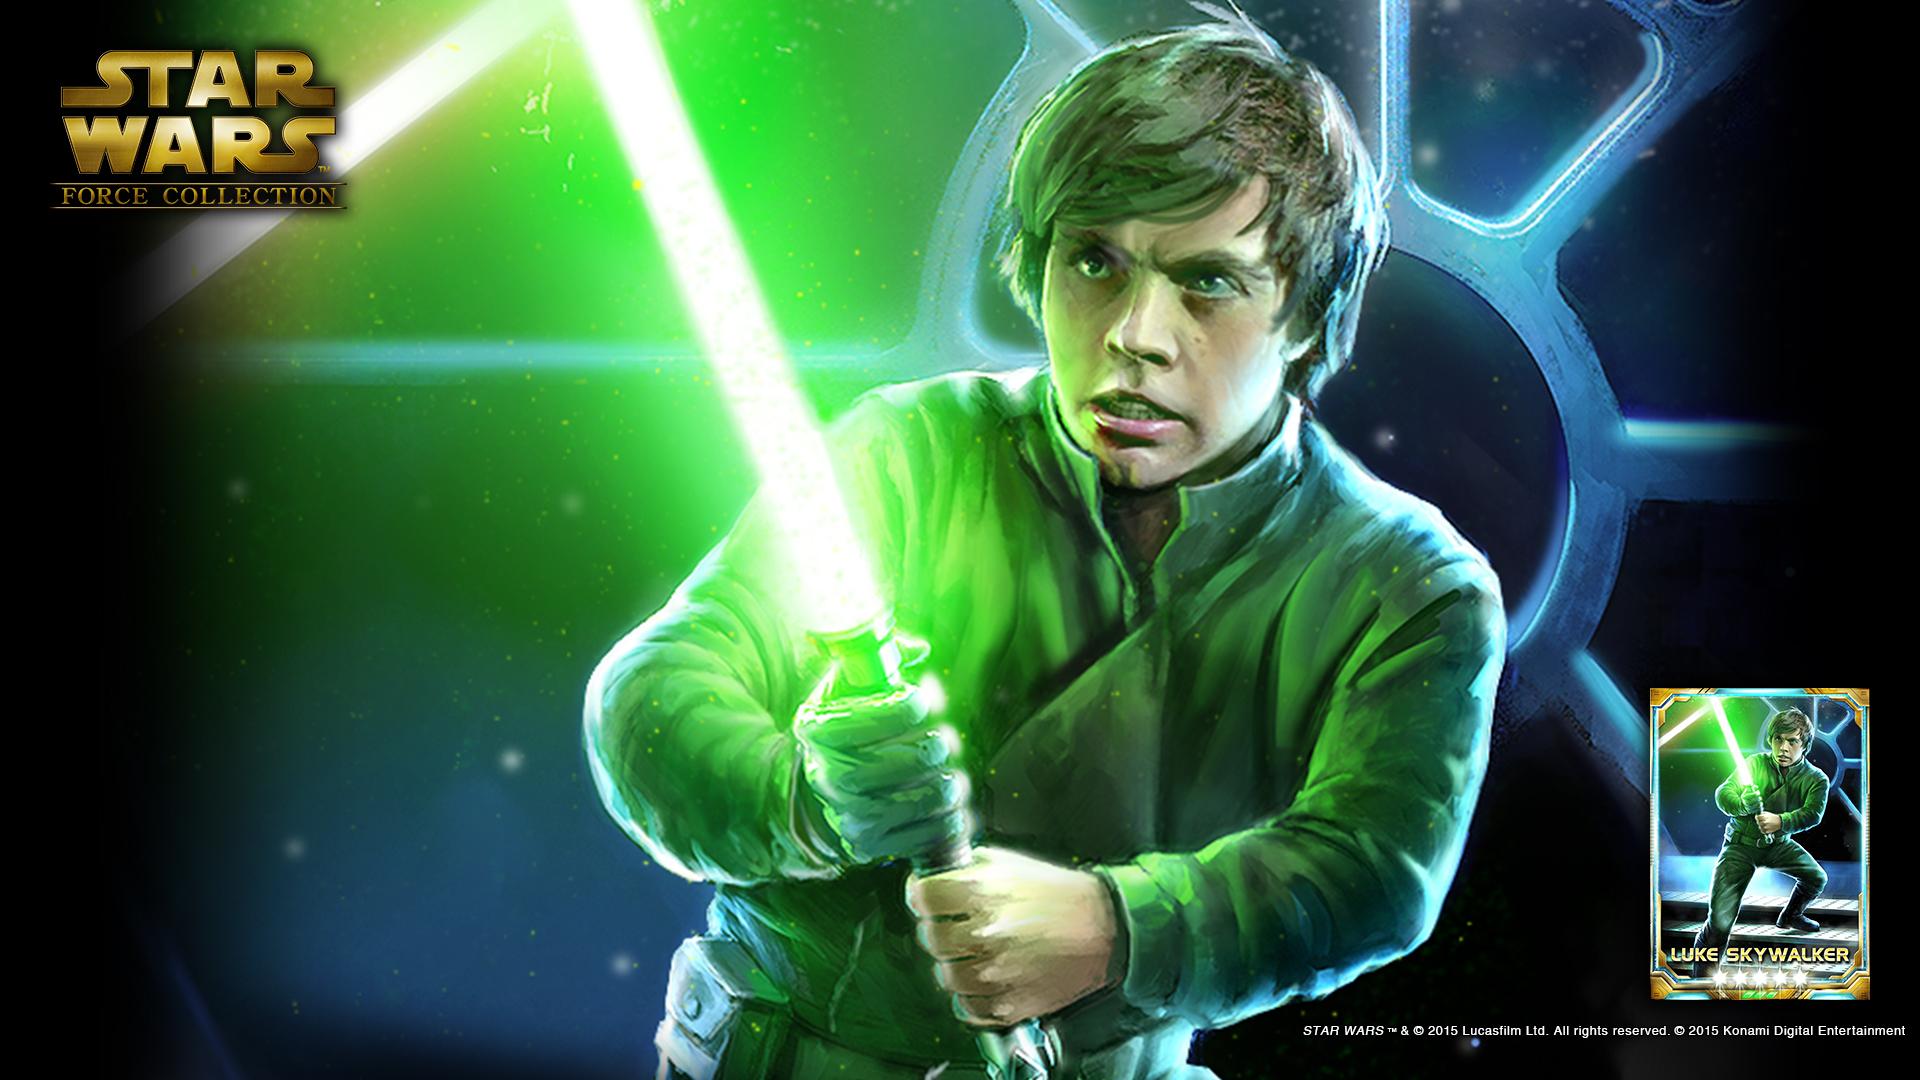 Luke Skywalker Wallpaper 3110385 Hd Wallpaper Backgrounds Download